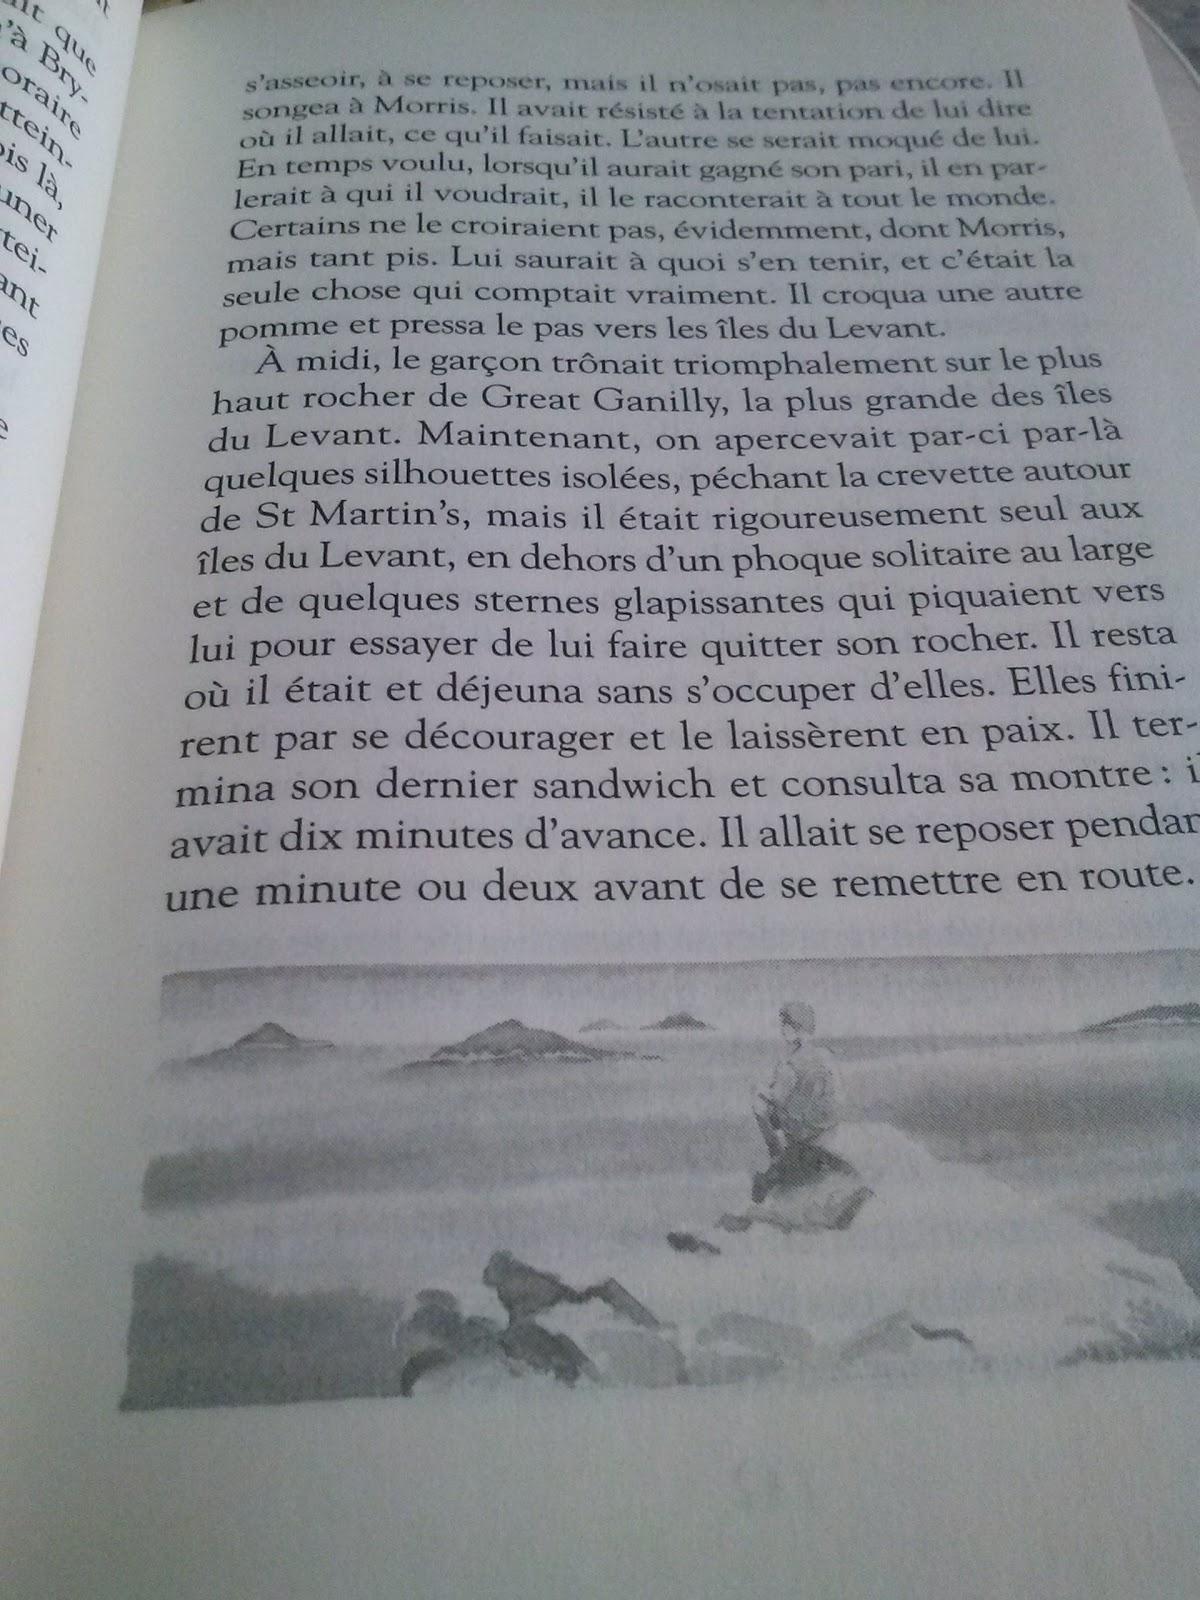 resume des chapitres du roi arthur de michael morpurgo